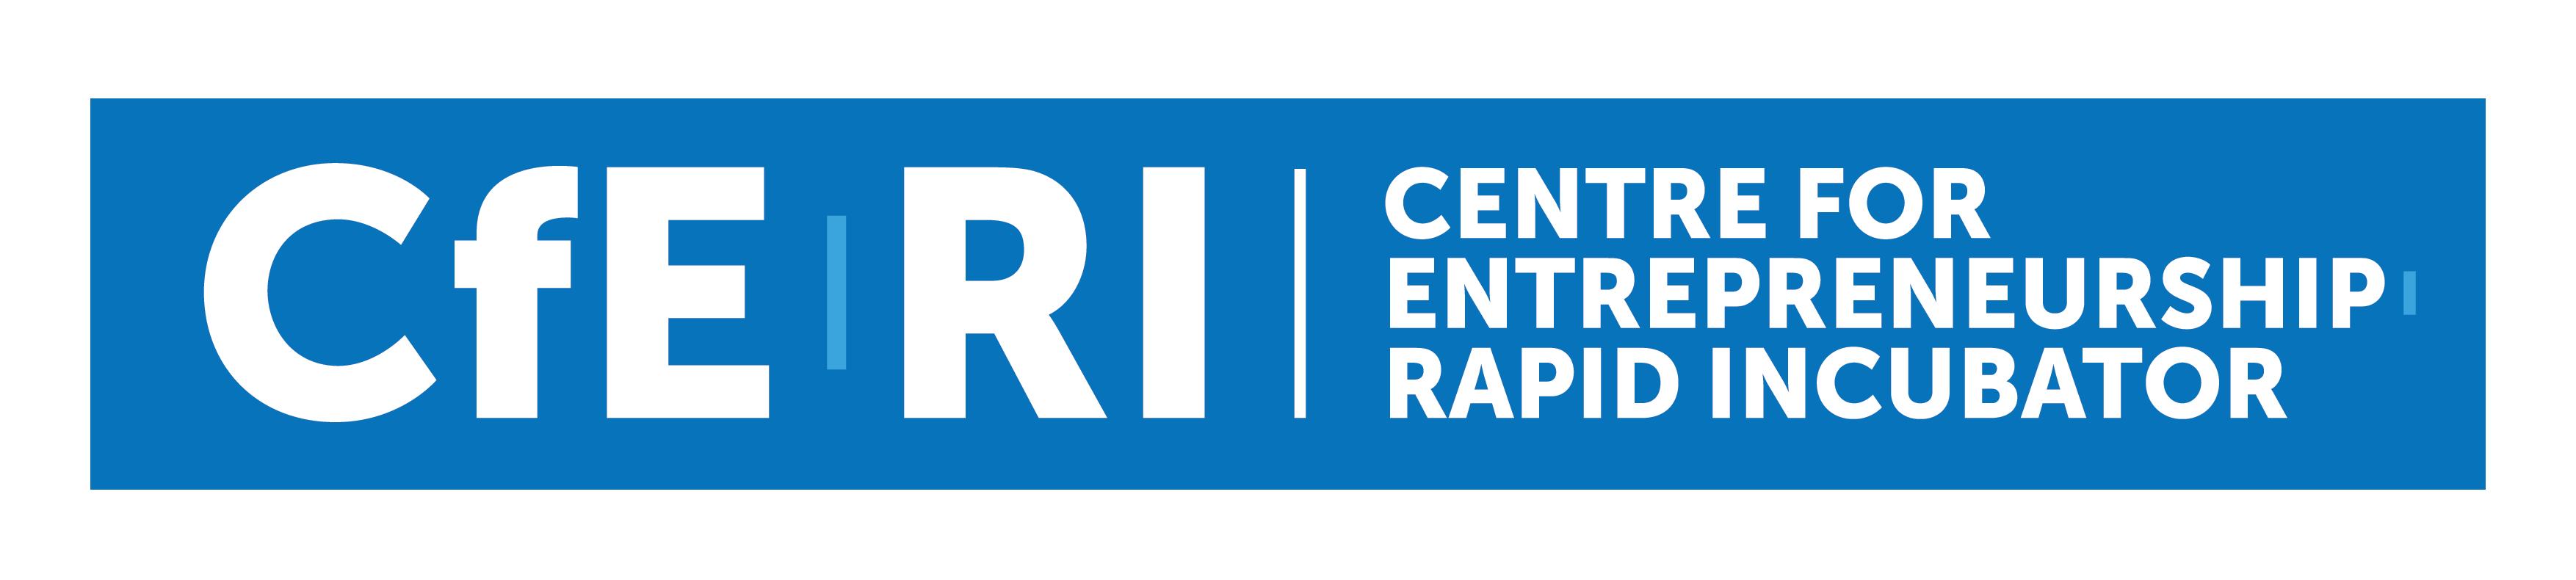 False Bay Centre For Entrepreneurship _ Rapid Incubator logo